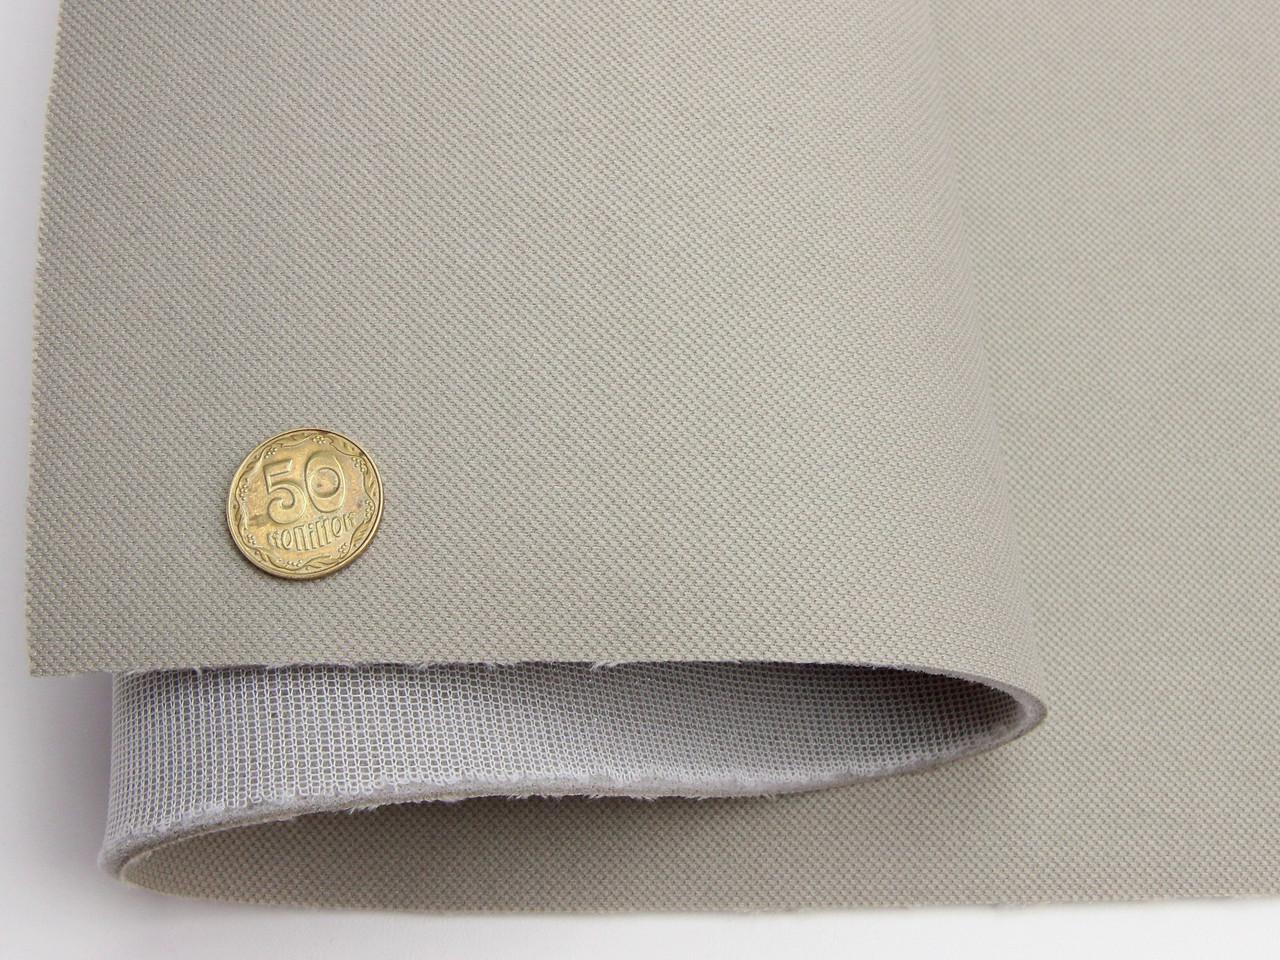 Тканина авто стельова теплий сірий (текстура) RASEL 69, на поролоні 4мм з сіткою шир. 1.70 м (Туреччина)